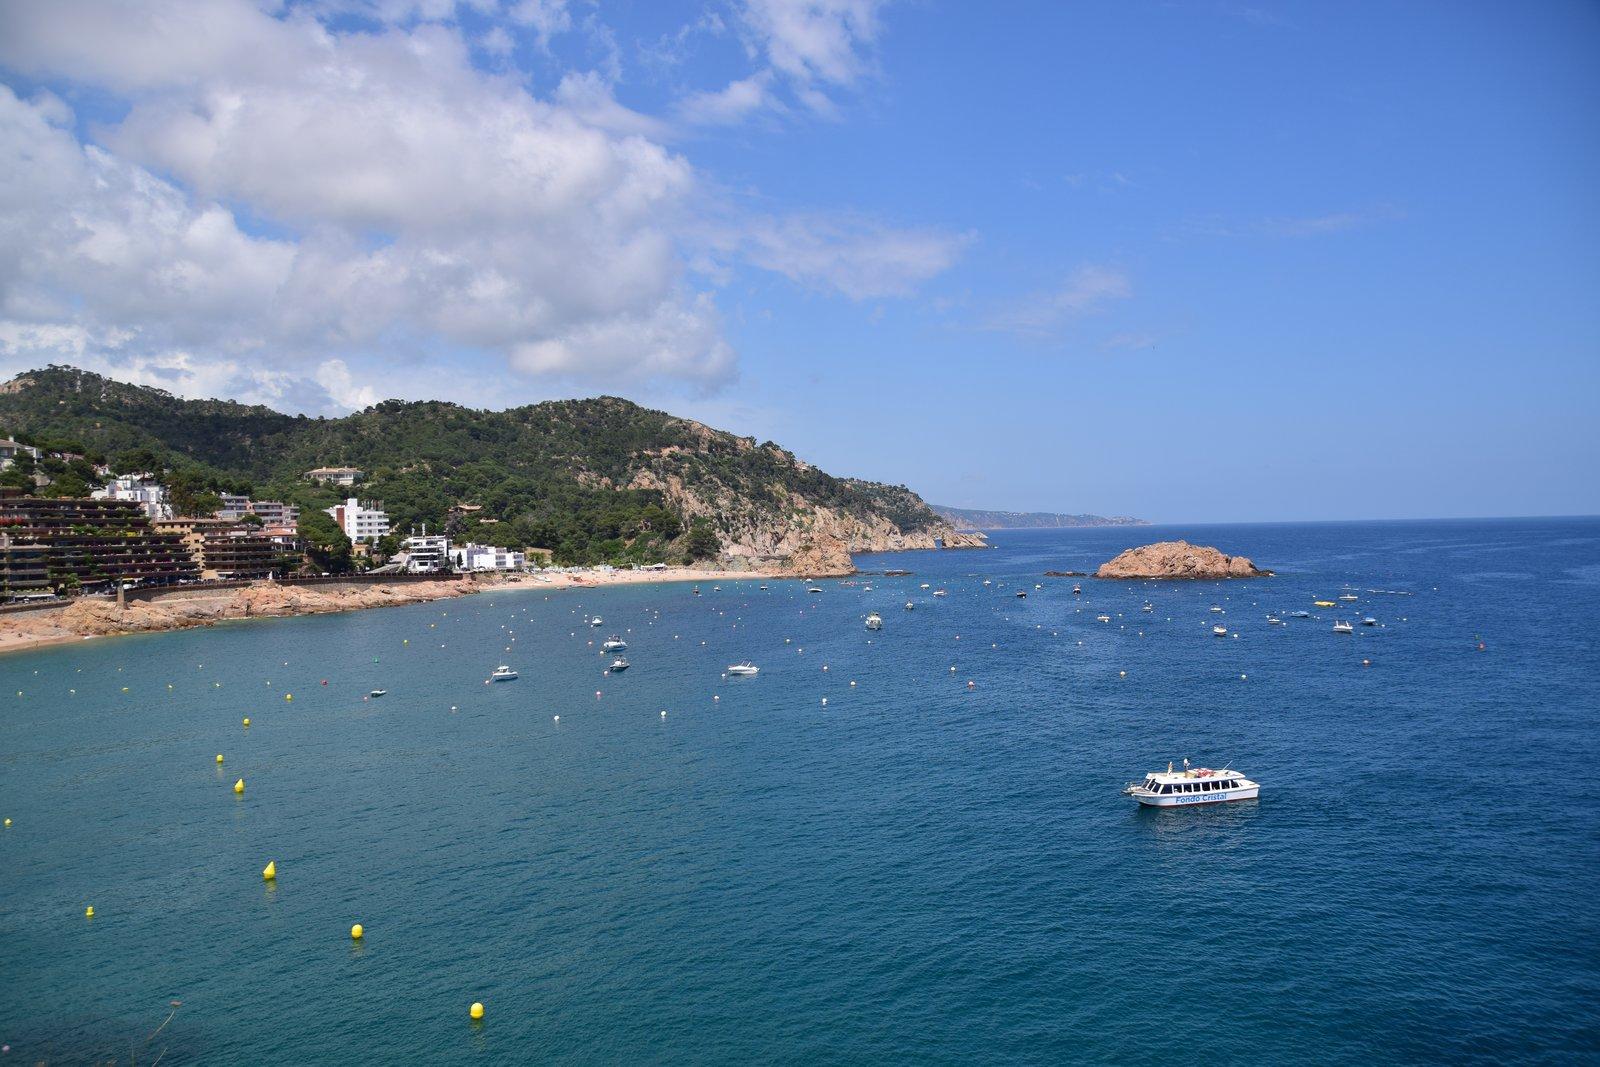 Blick auf das Meer in Tossa del Mar